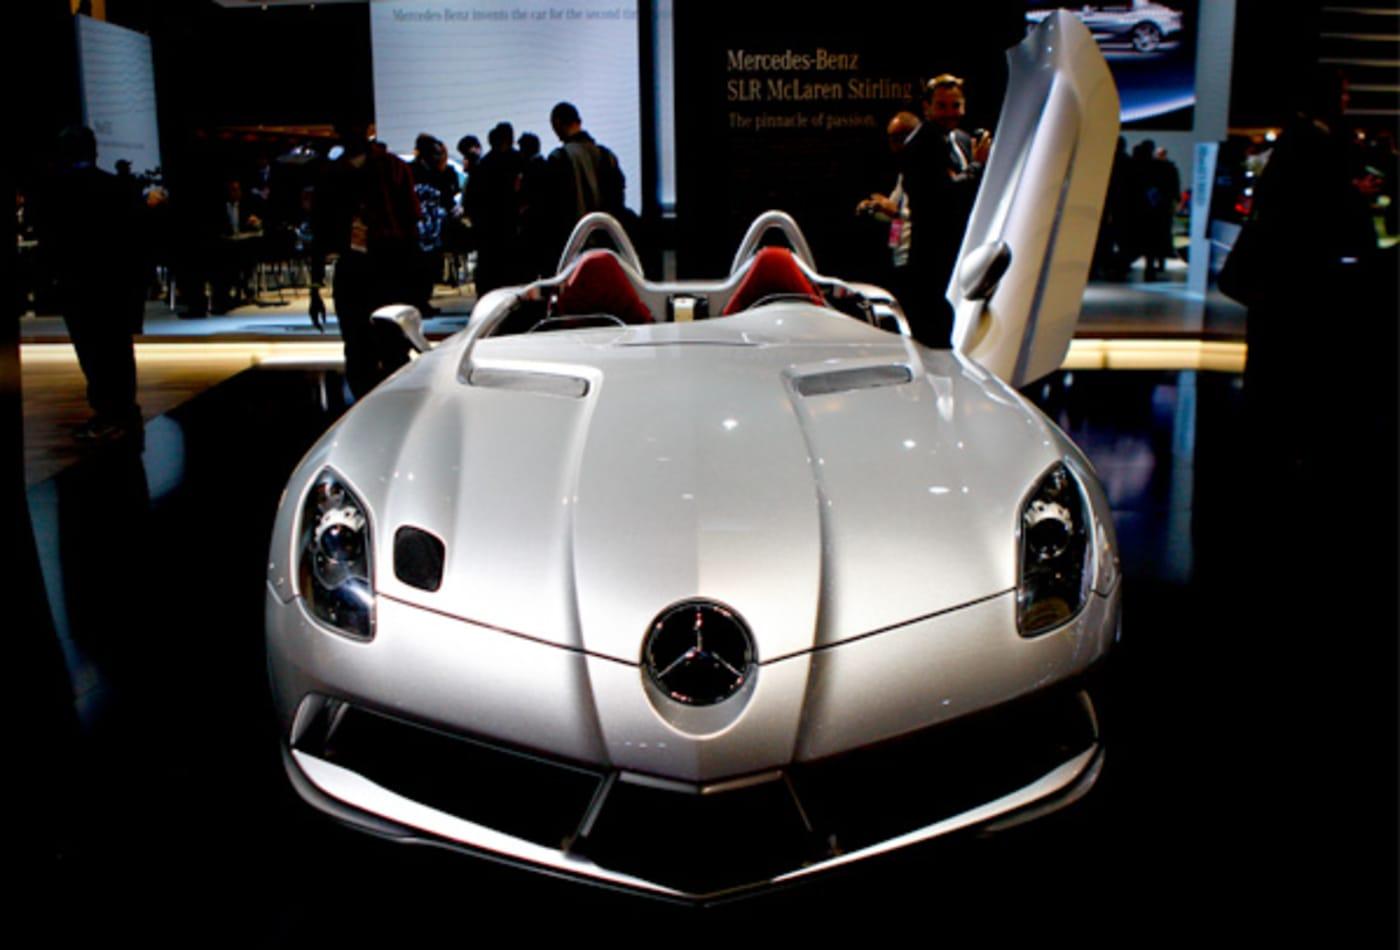 SS_Million_Dollar_Cars_SLR_McLaren_Stirling.jpg